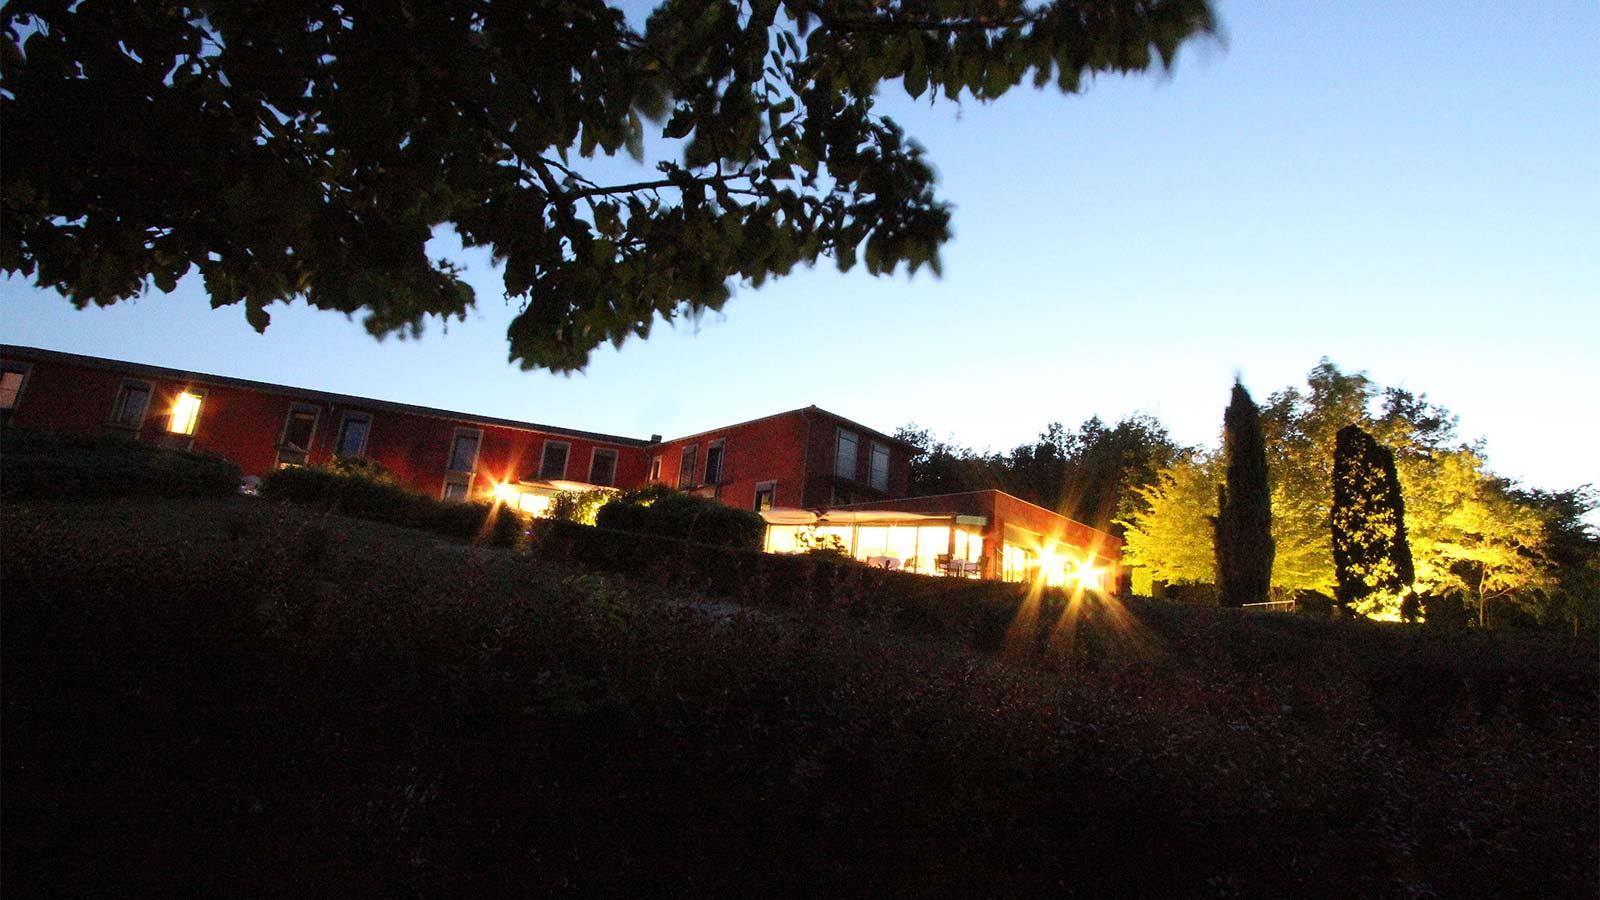 vue nocturne de l'hôtel restaurant La Montagne de Brancion entre Tournus et Cluny